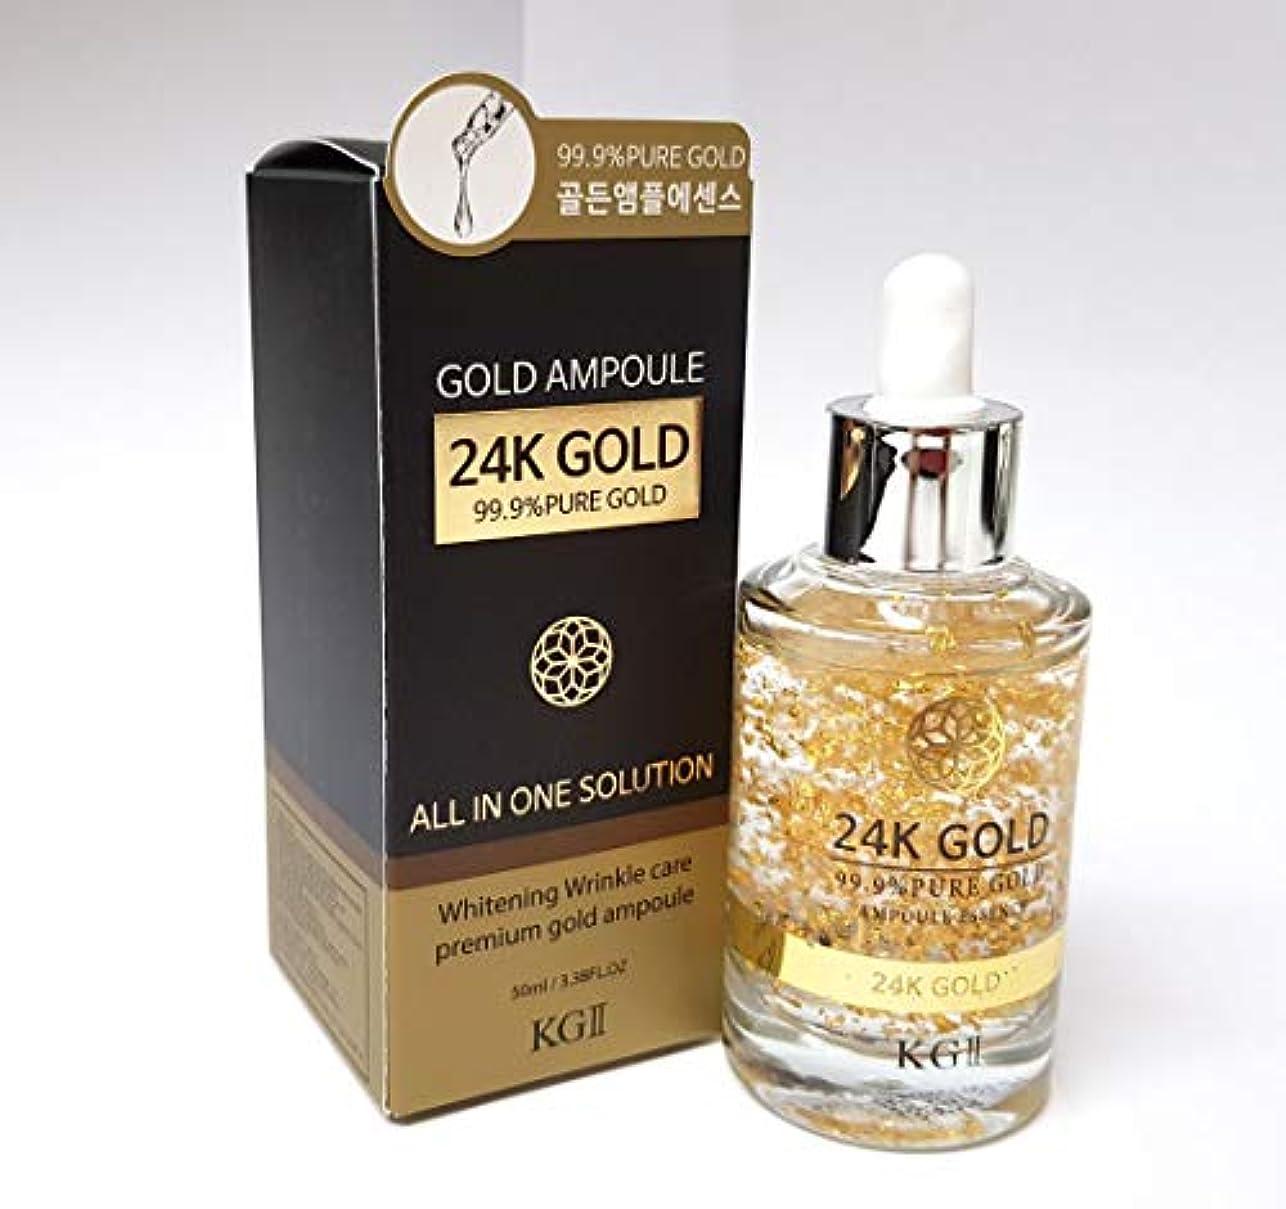 じゃない首尾一貫したピアノ[KG2] 24Kゴールドアンプルエッセンス50ml / 24K Gold Ampoule Essence 50ml / 99.9ピュアゴールド / 99.9Pure Gold/シワ&ホワイトニング/wrinkles &...